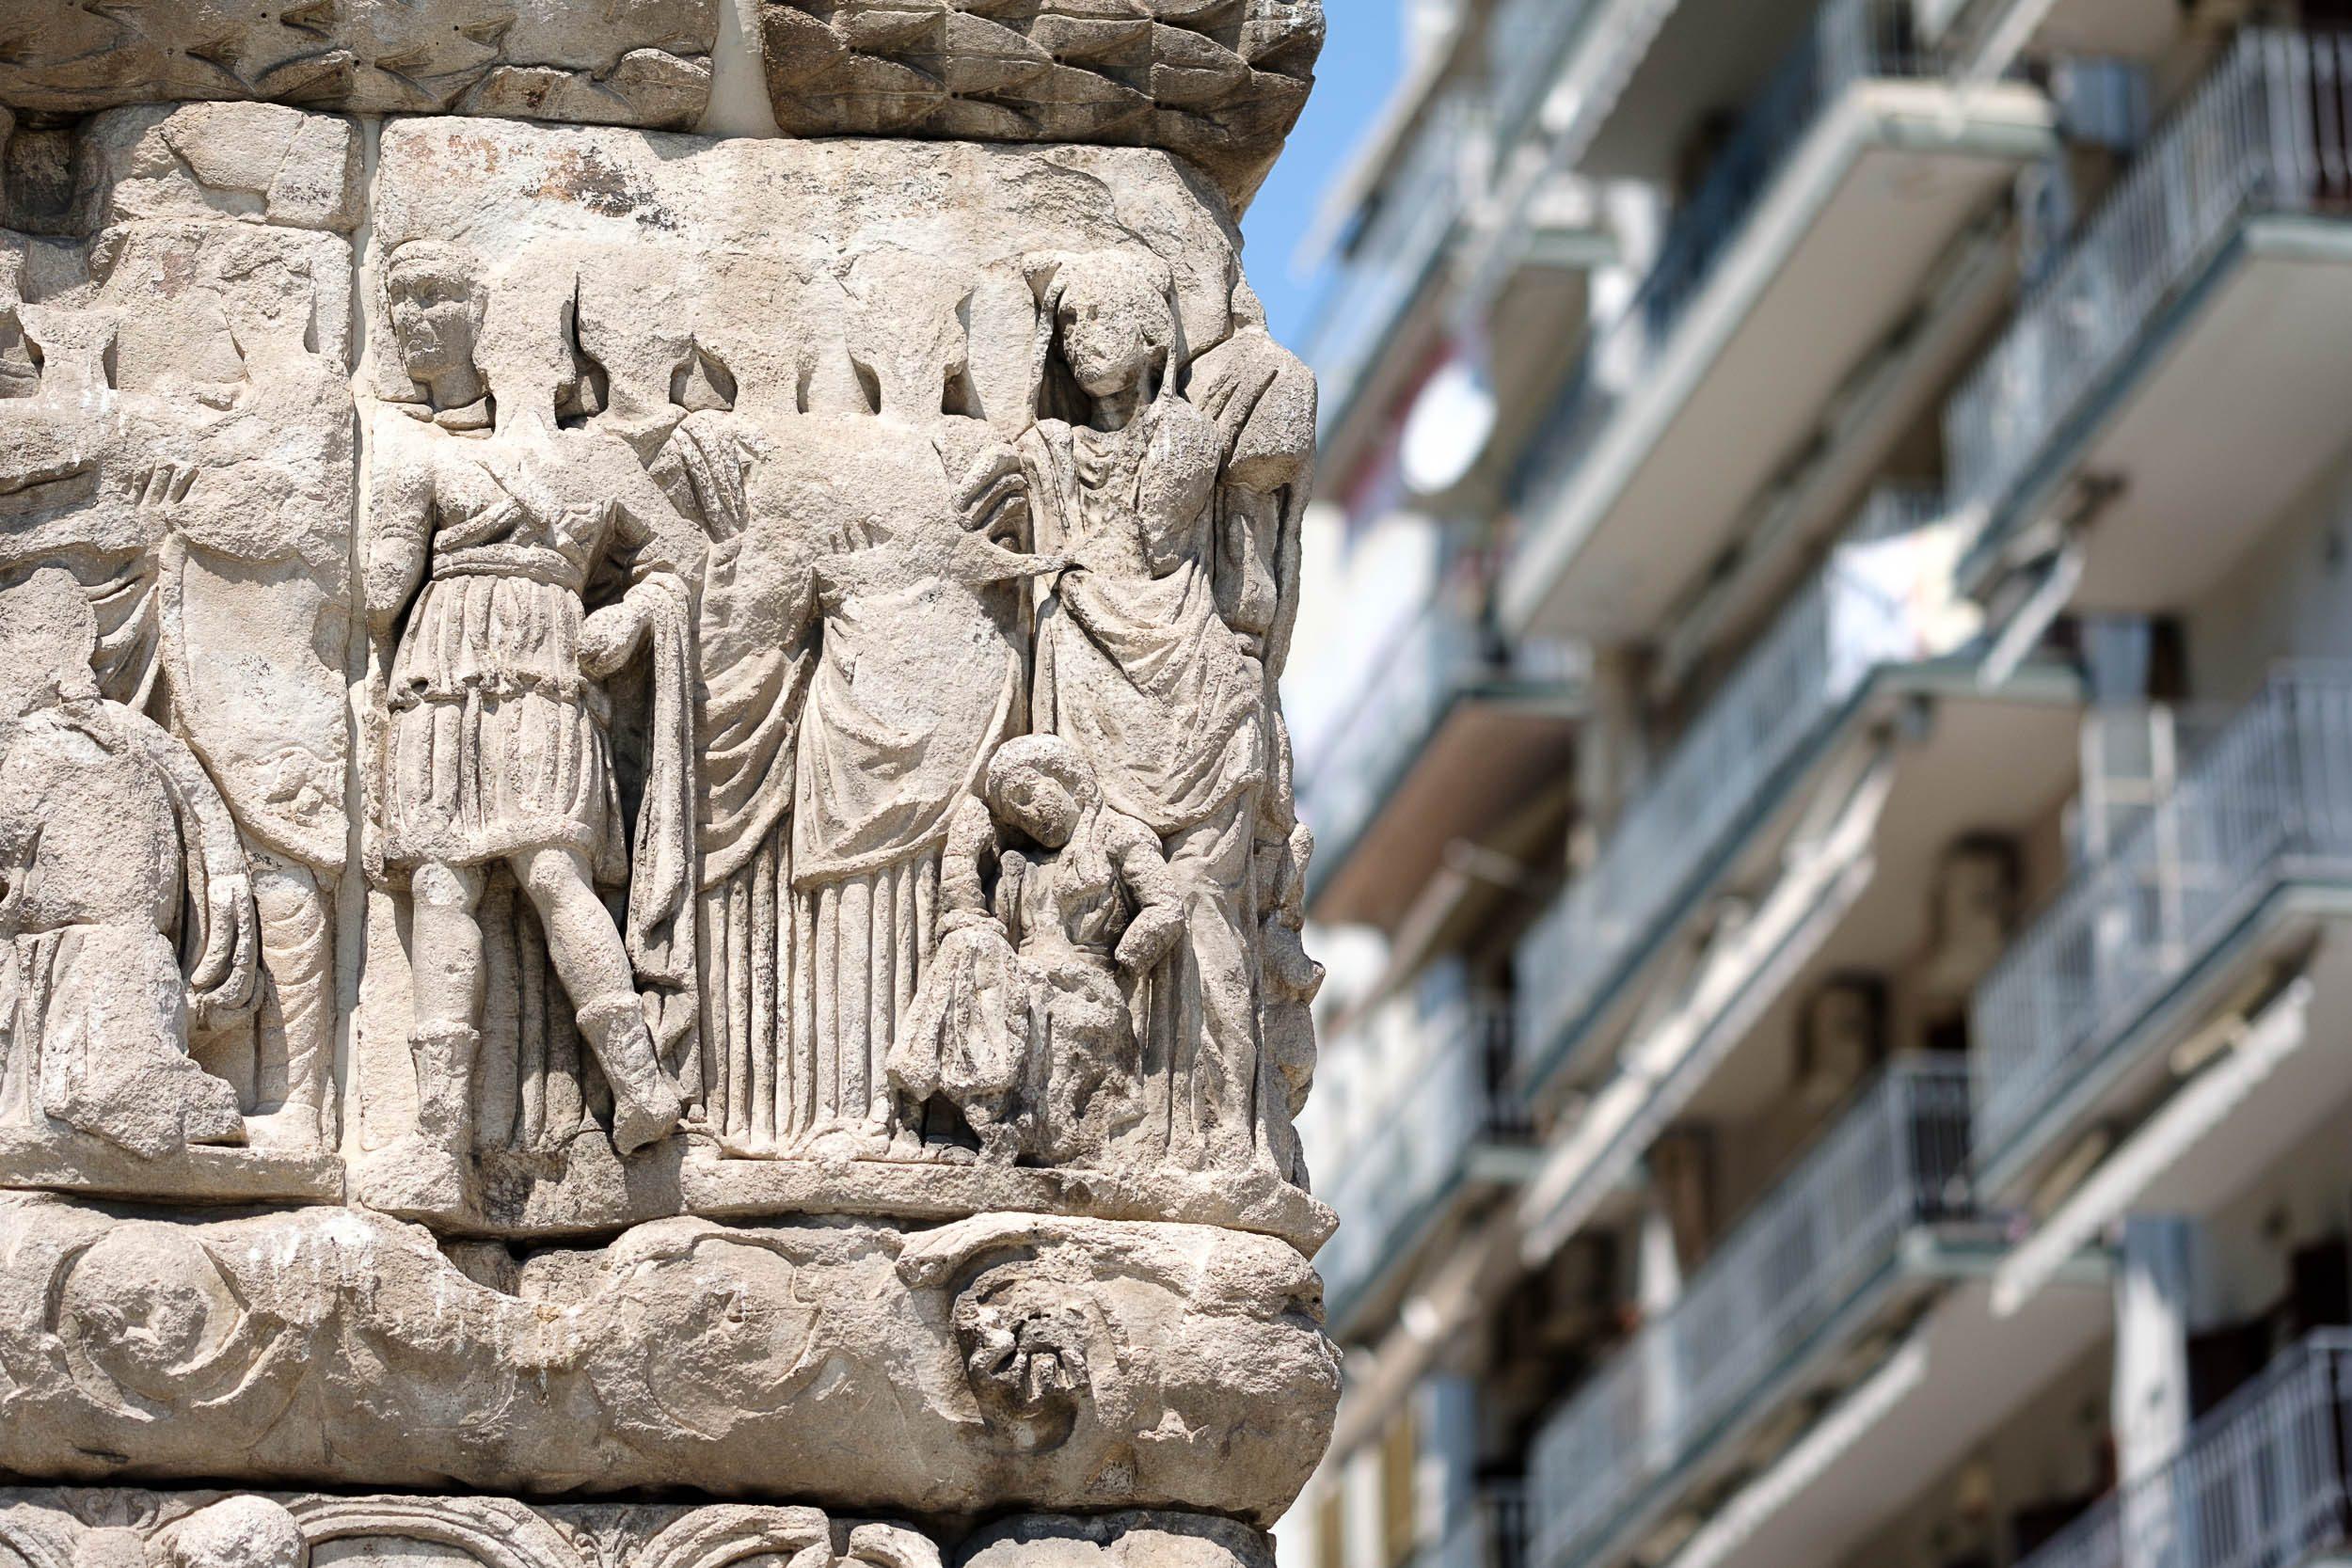 Galeriusbogen, Thessaloniki, Griechenland